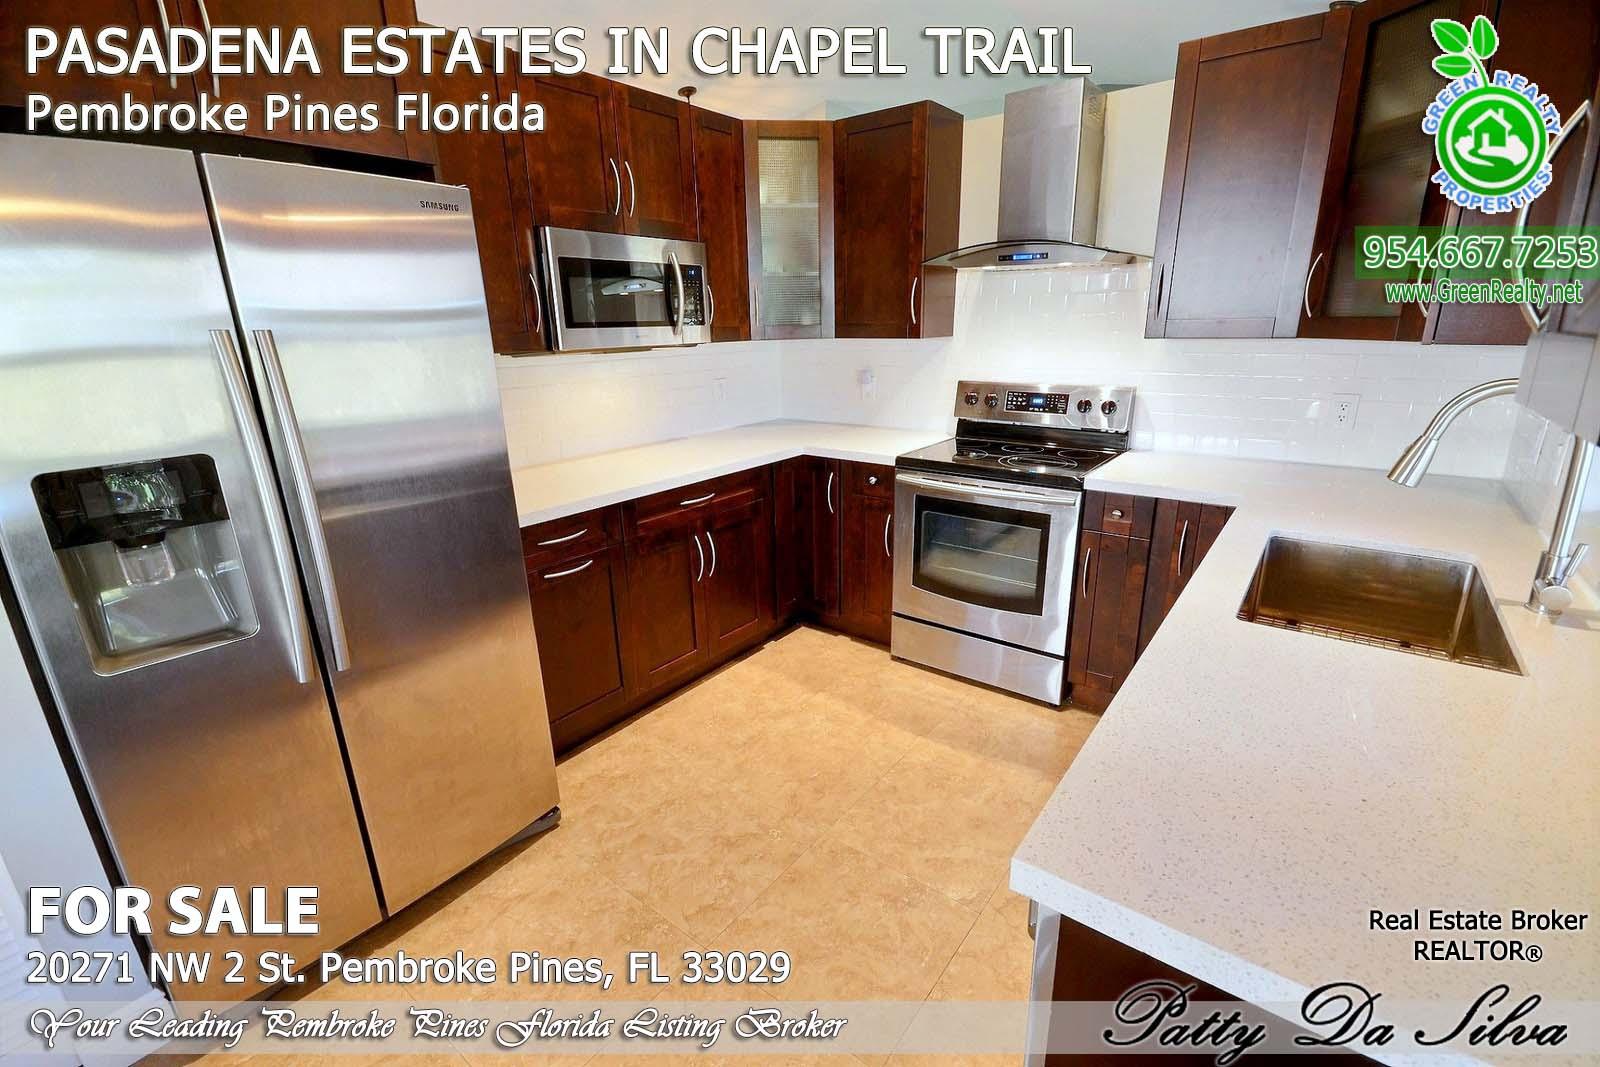 Pasadena Estates of Chapel Trail - Pembroke Pines FL (29)